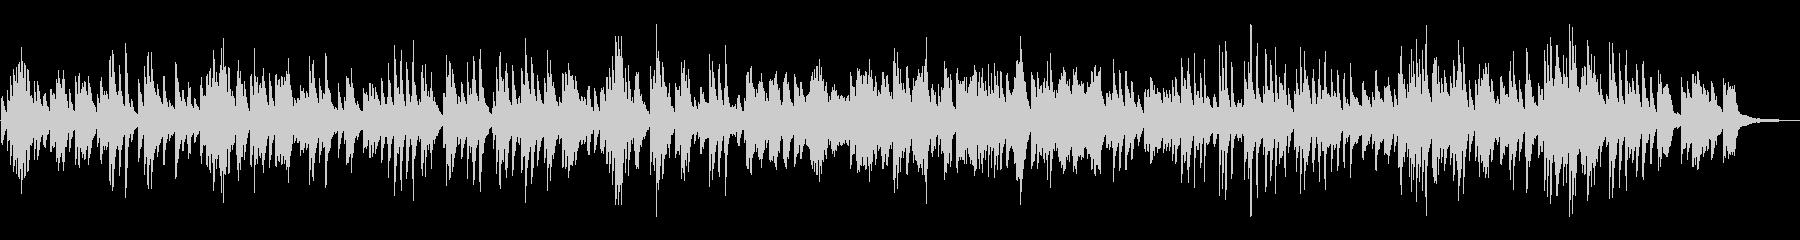 ジャズ風ラウンジピアノソロ/バラードの未再生の波形